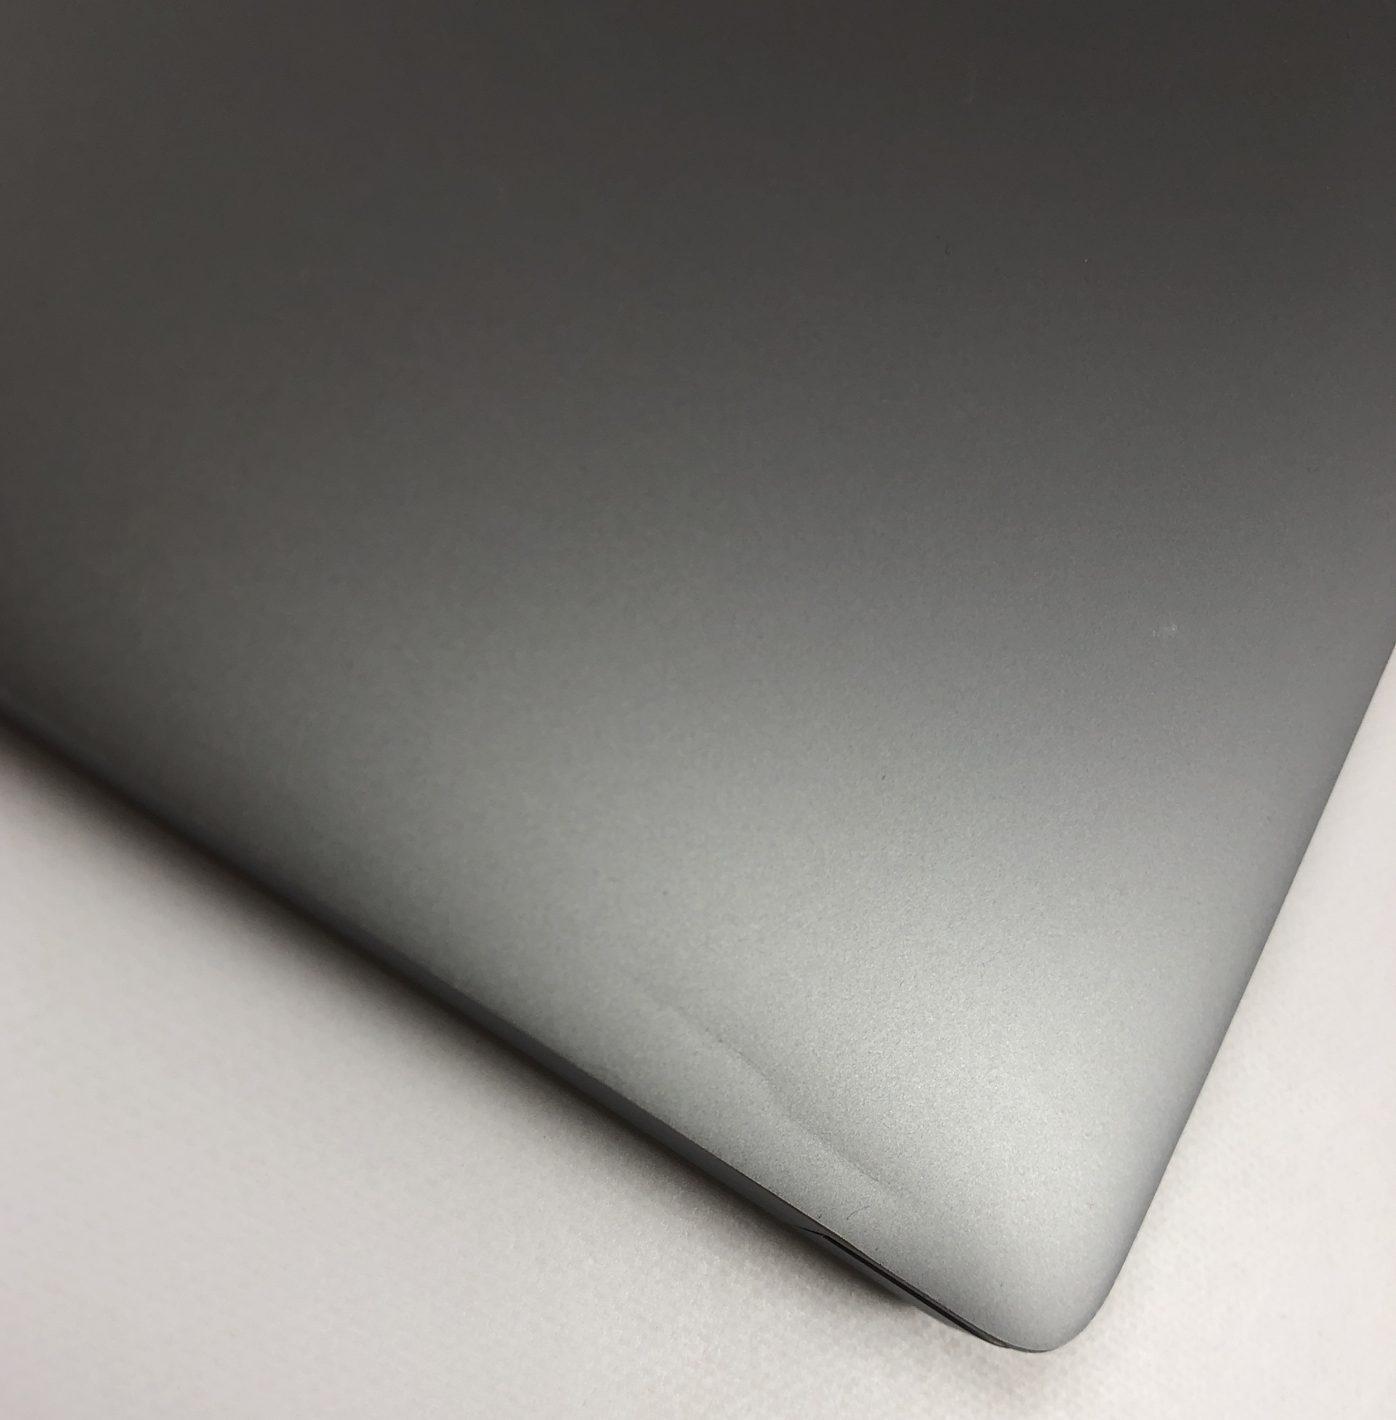 """MacBook Pro 13"""" 4TBT Mid 2017 (Intel Core i5 3.1 GHz 16 GB RAM 256 GB SSD), Space Gray, Intel Core i5 3.1 GHz, 16 GB RAM, 256 GB SSD, bild 6"""